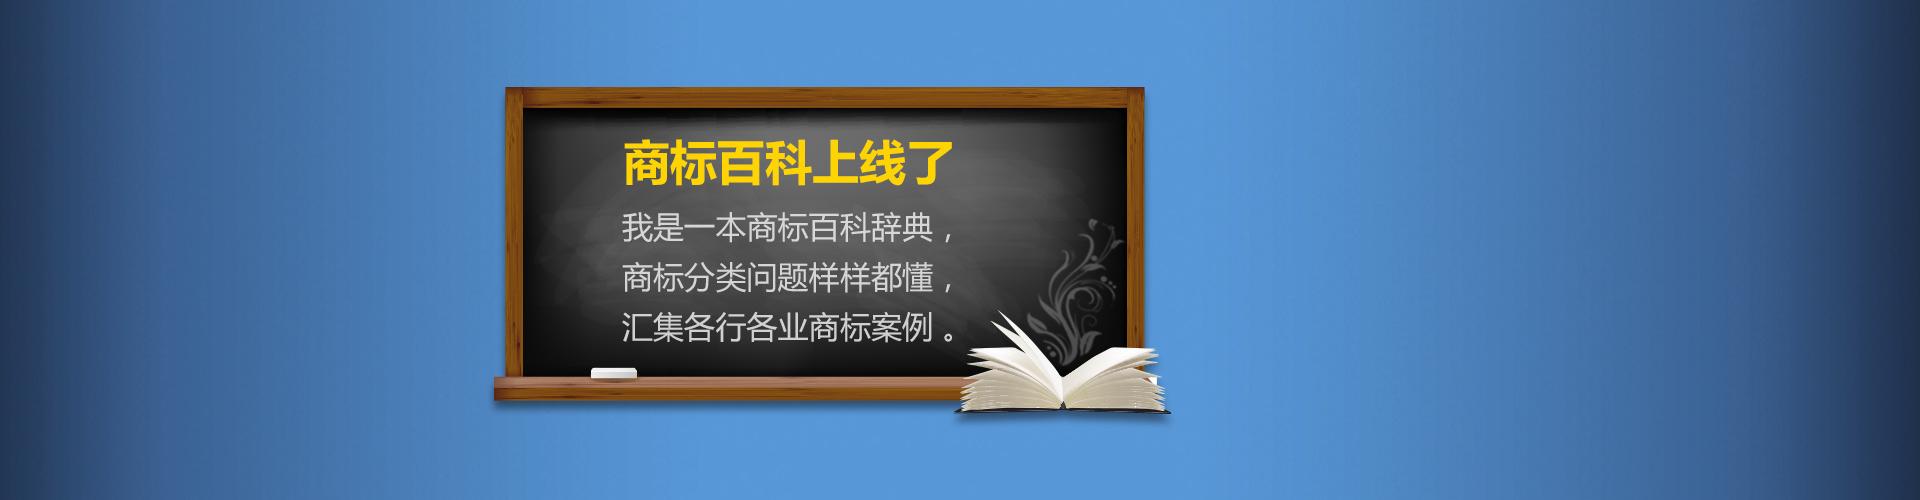 商标百科_商标注册申请_商标分类_商标查询网站_一品标局